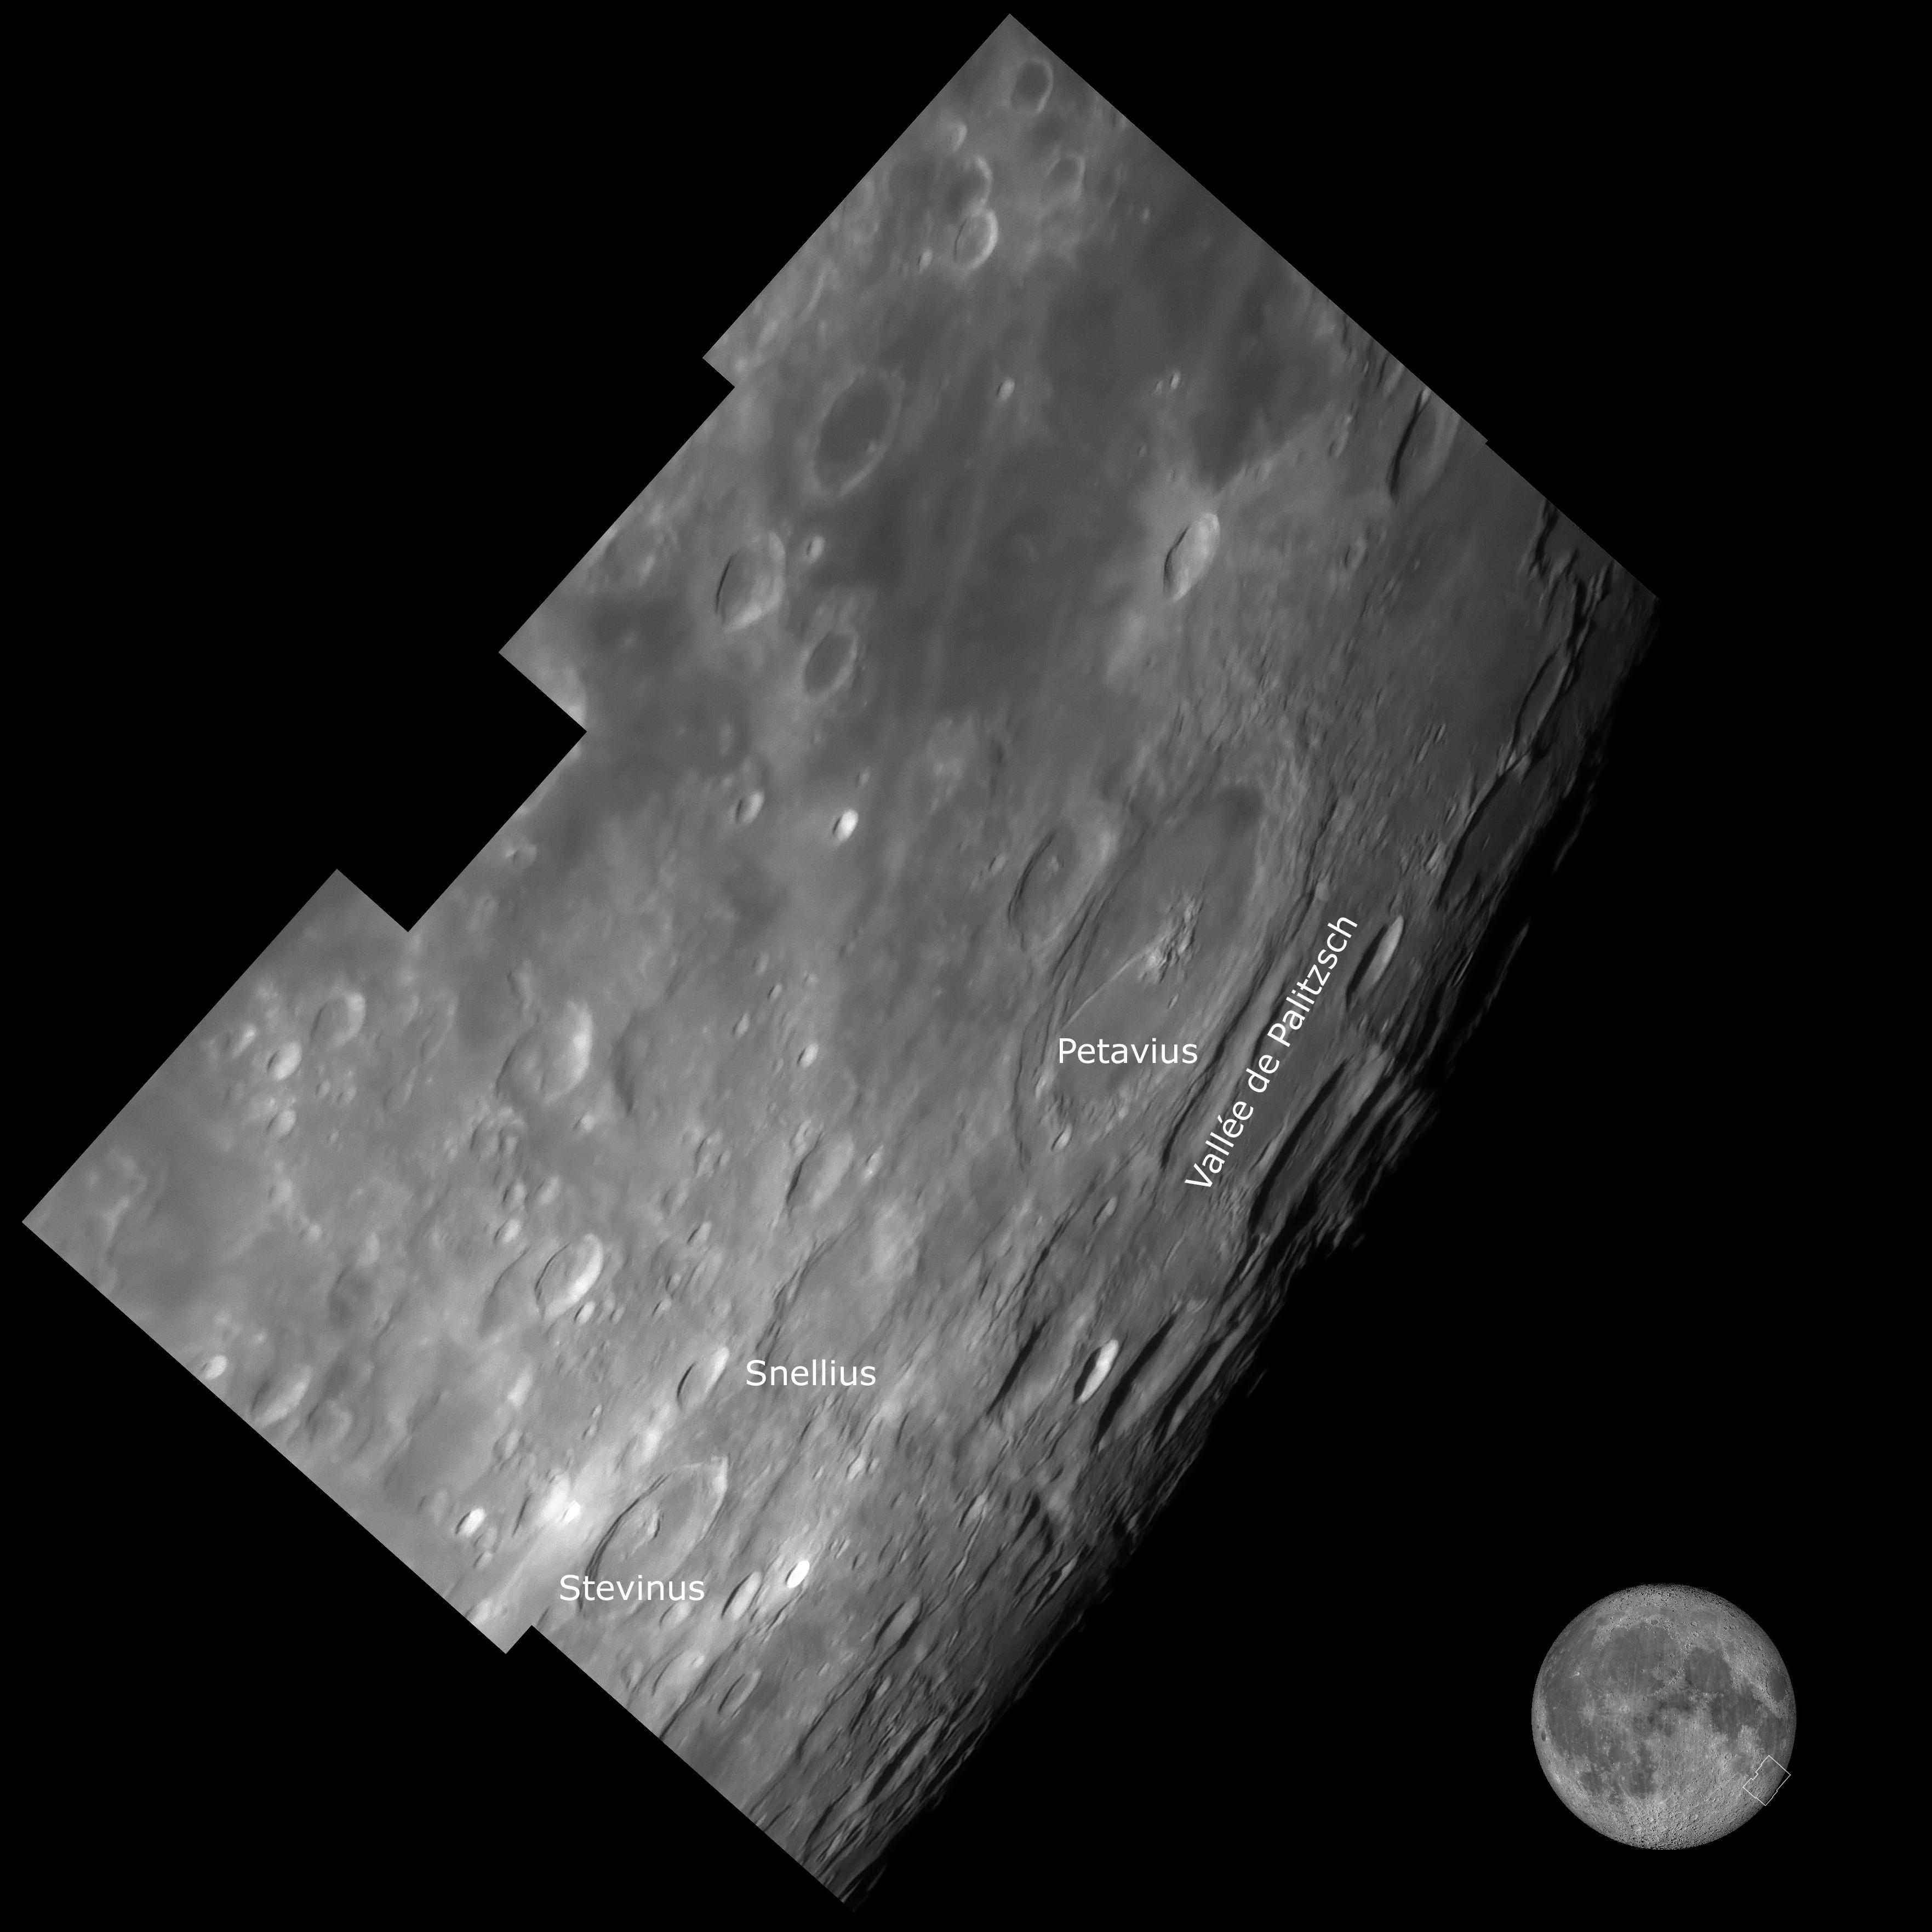 Région du cratère Petavius, au 355 mm, anotée